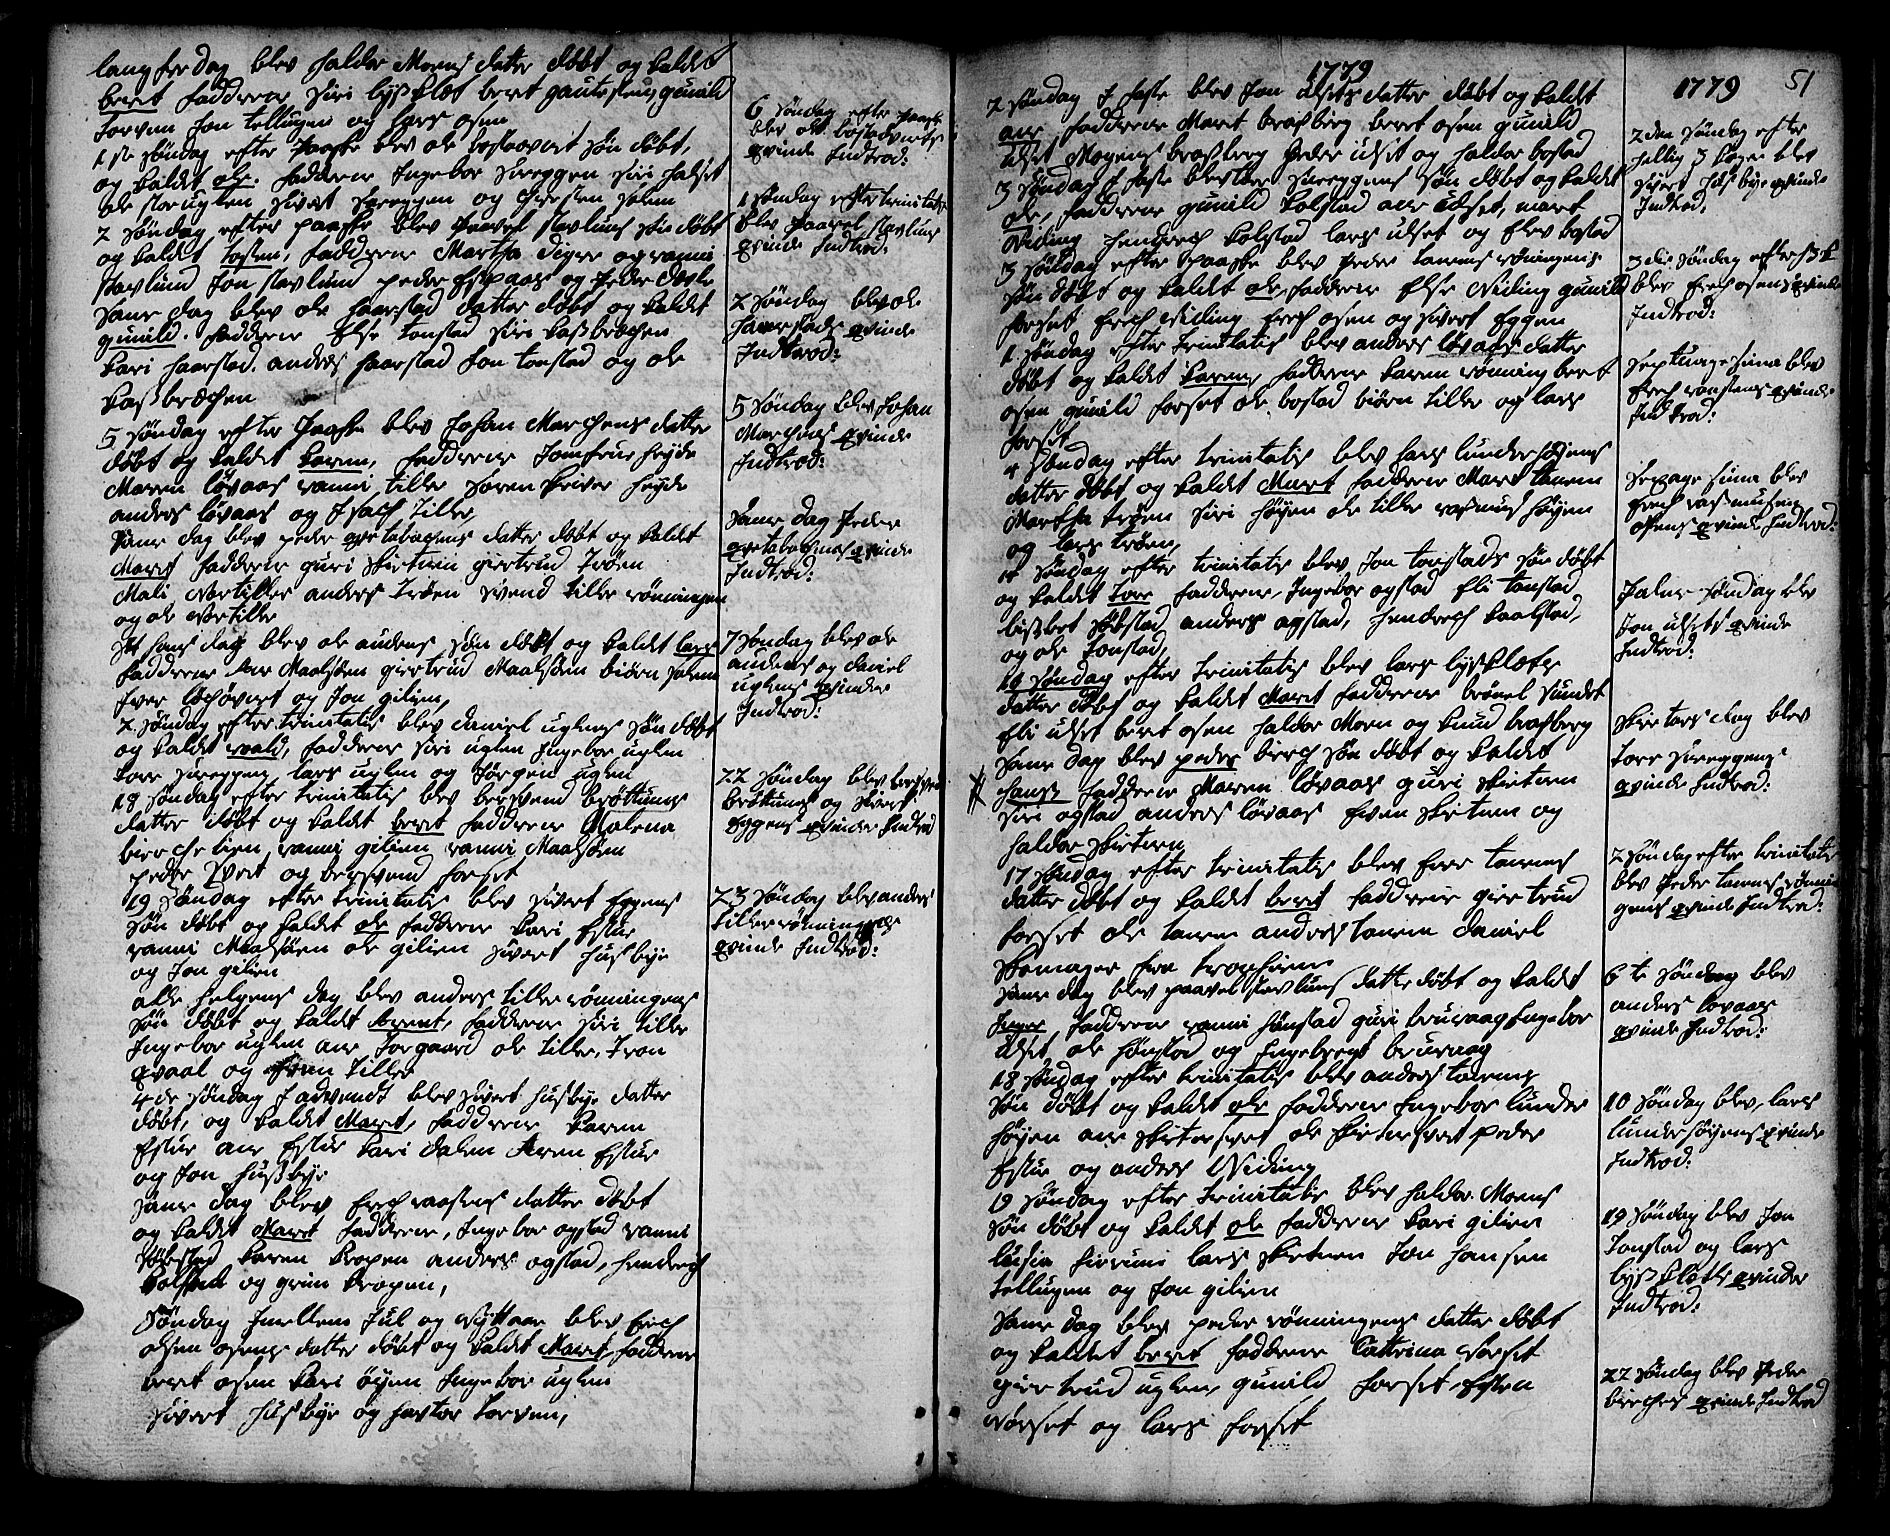 SAT, Ministerialprotokoller, klokkerbøker og fødselsregistre - Sør-Trøndelag, 618/L0437: Ministerialbok nr. 618A02, 1749-1782, s. 51